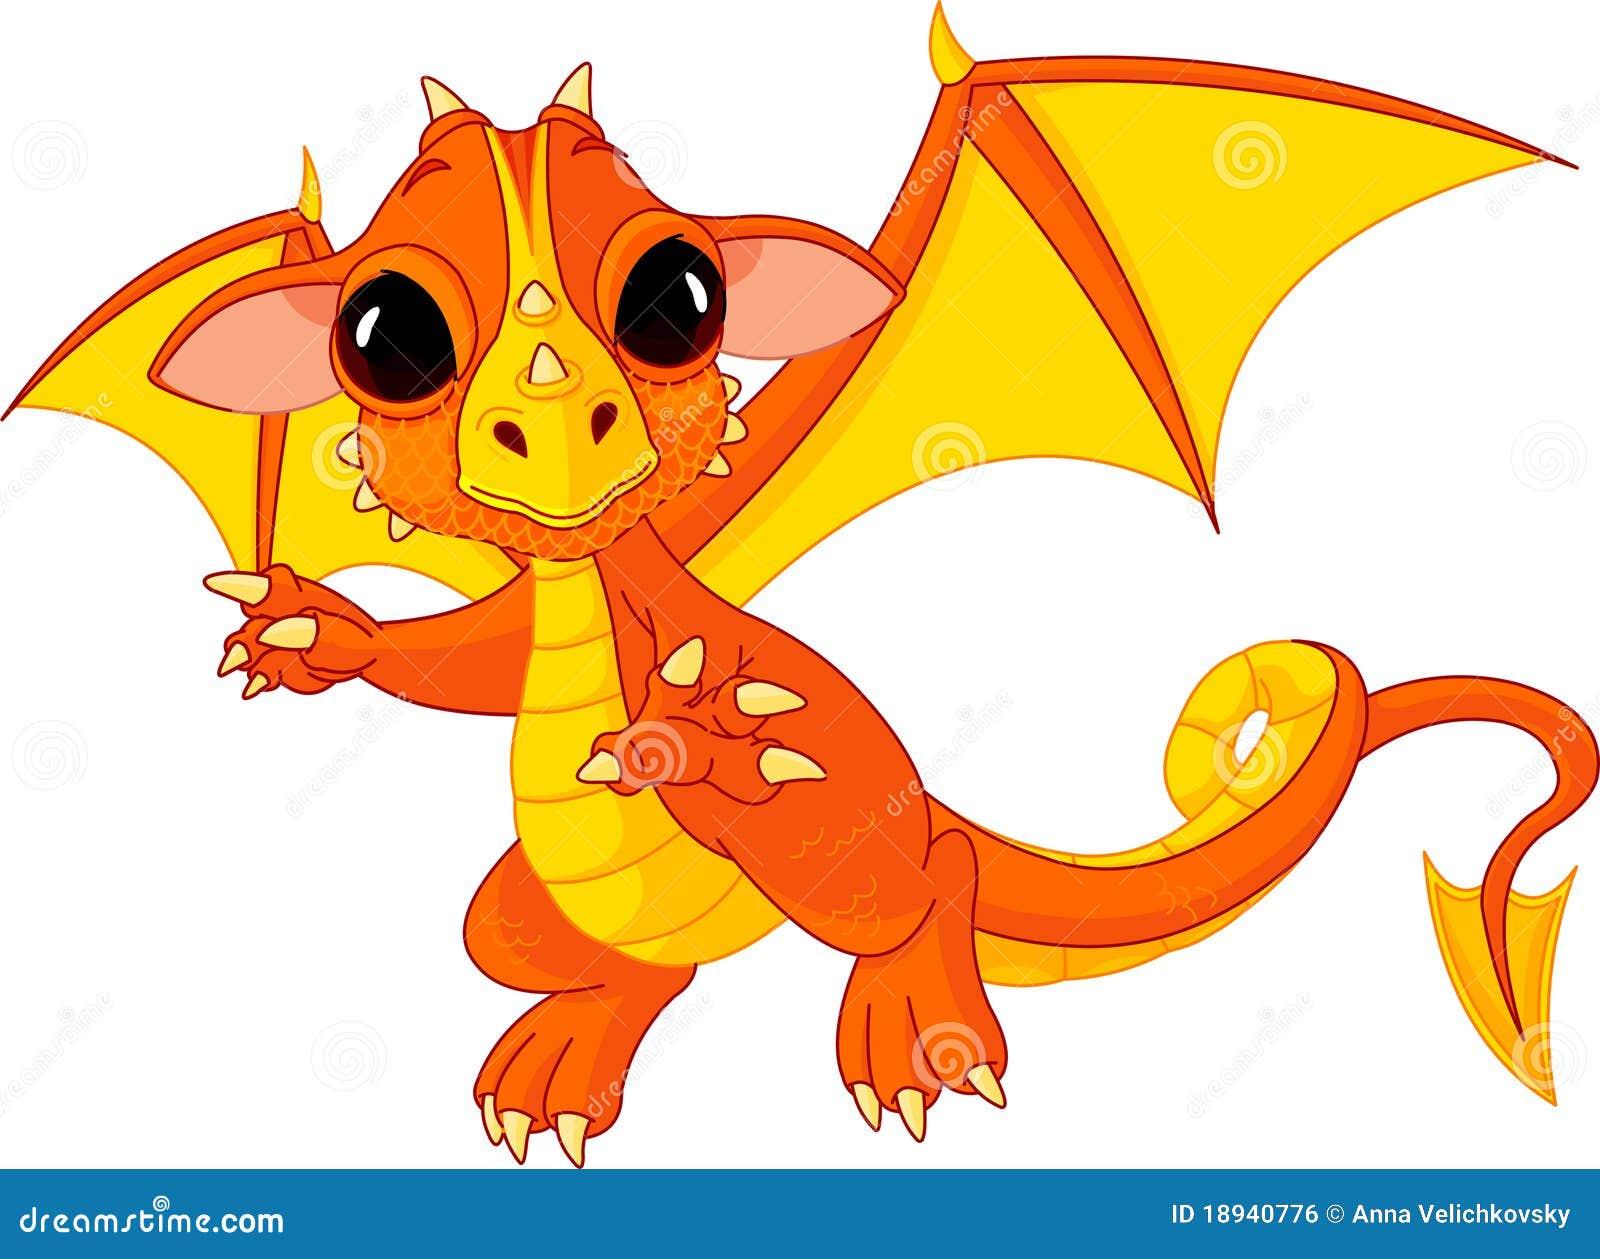 Cartoon dragon vector illustration cartoondealer